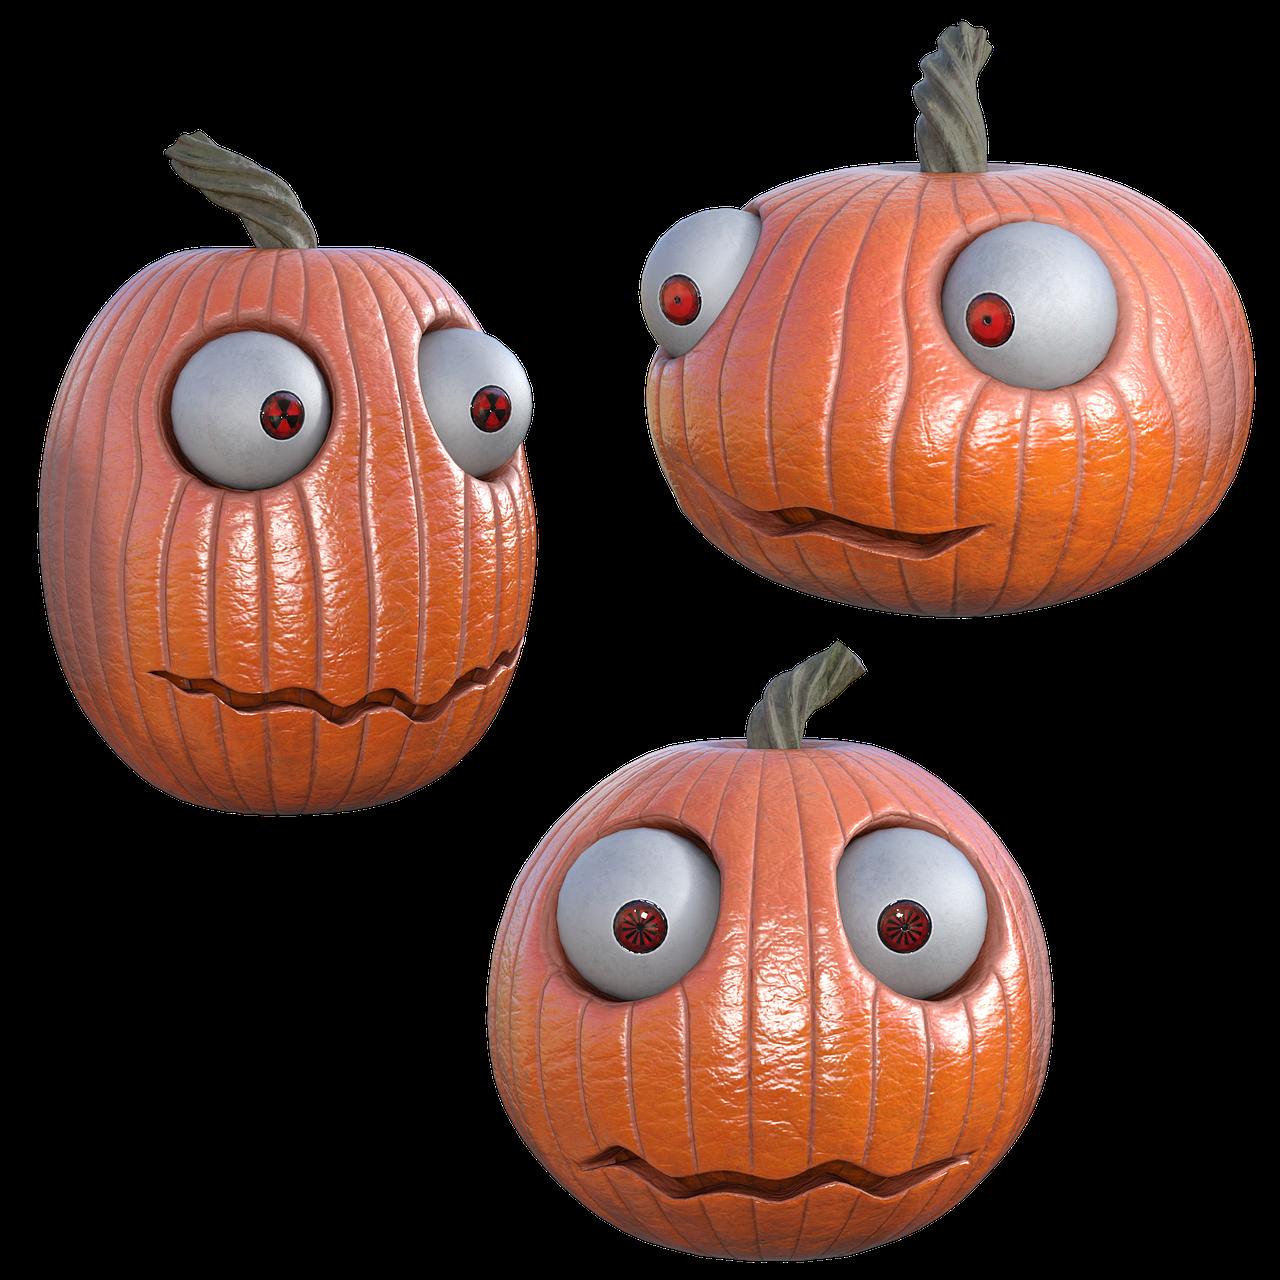 Funny Pumpkins 3d Render Free Image On Pixabay